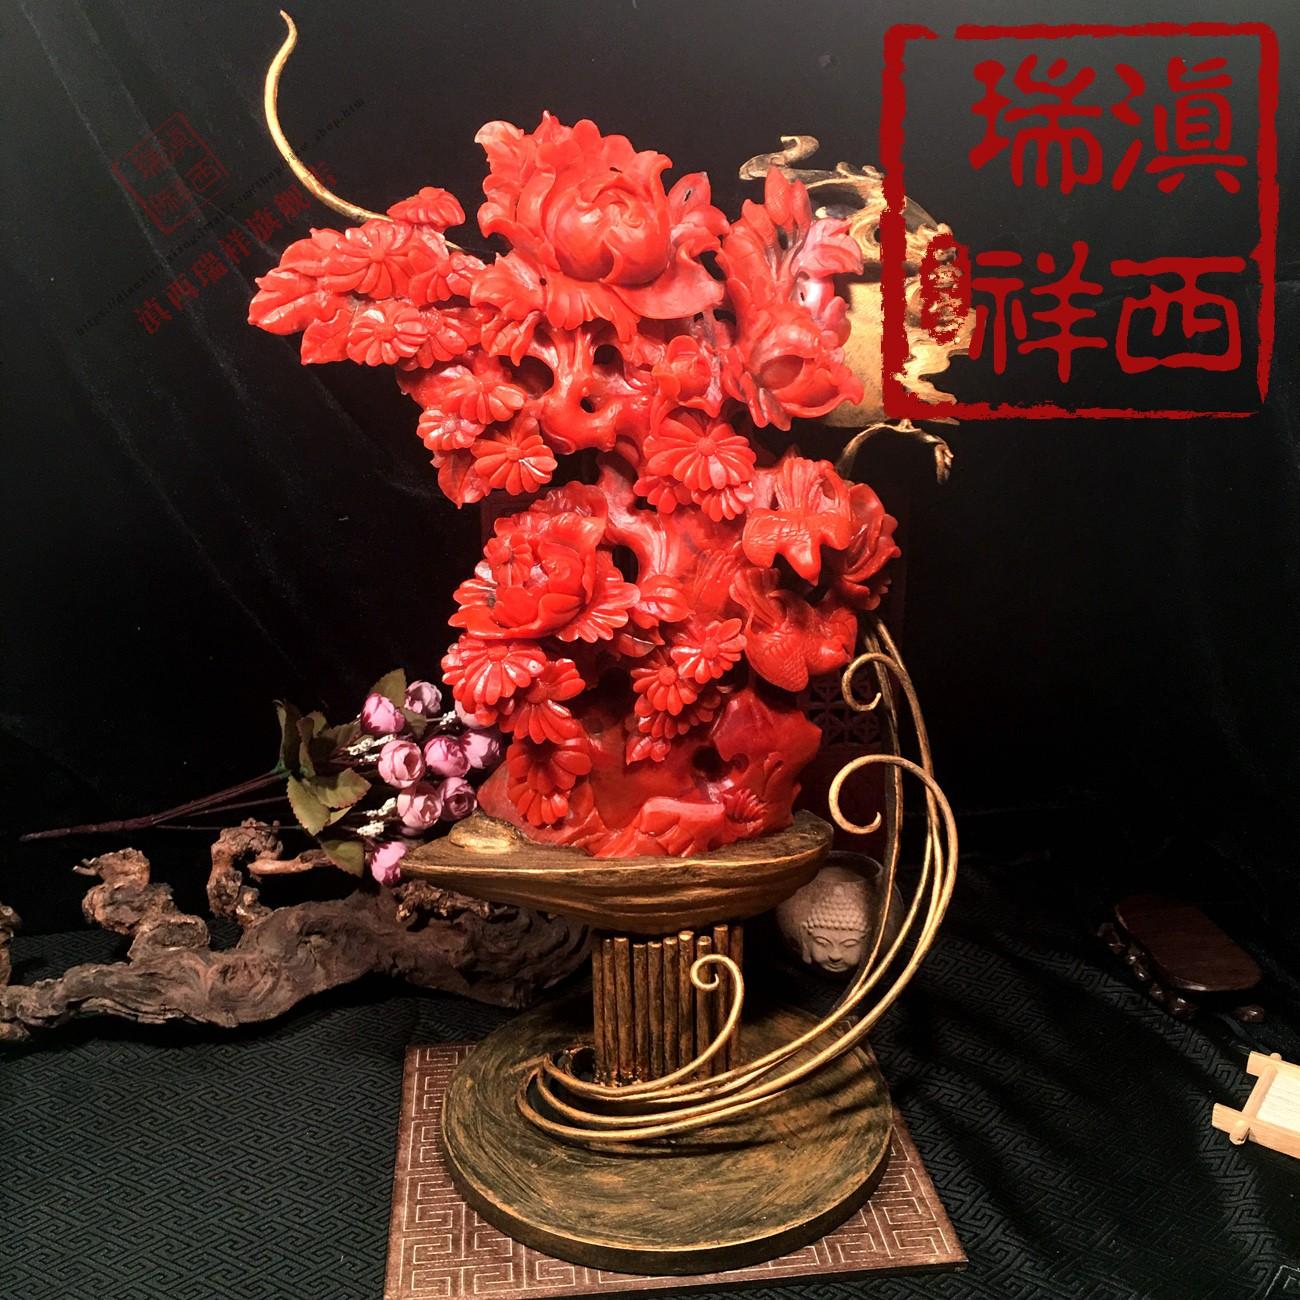 滇西瑞祥 保真极品保山南红玛瑙巧雕花开富贵大摆件收藏级J